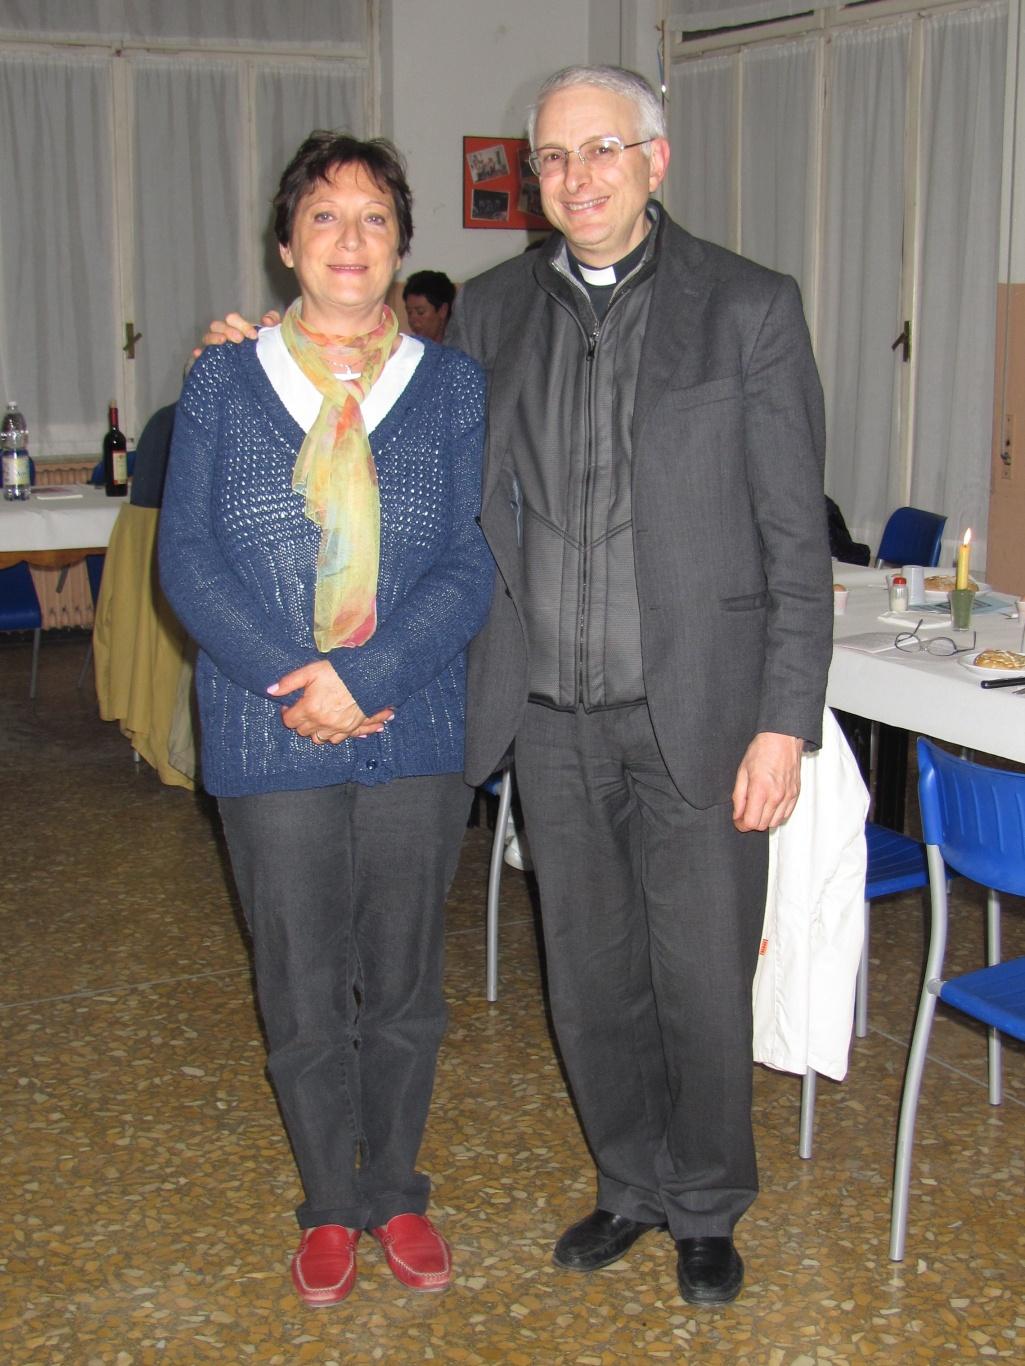 cena_ebraica-2011-04-20-19-26-59